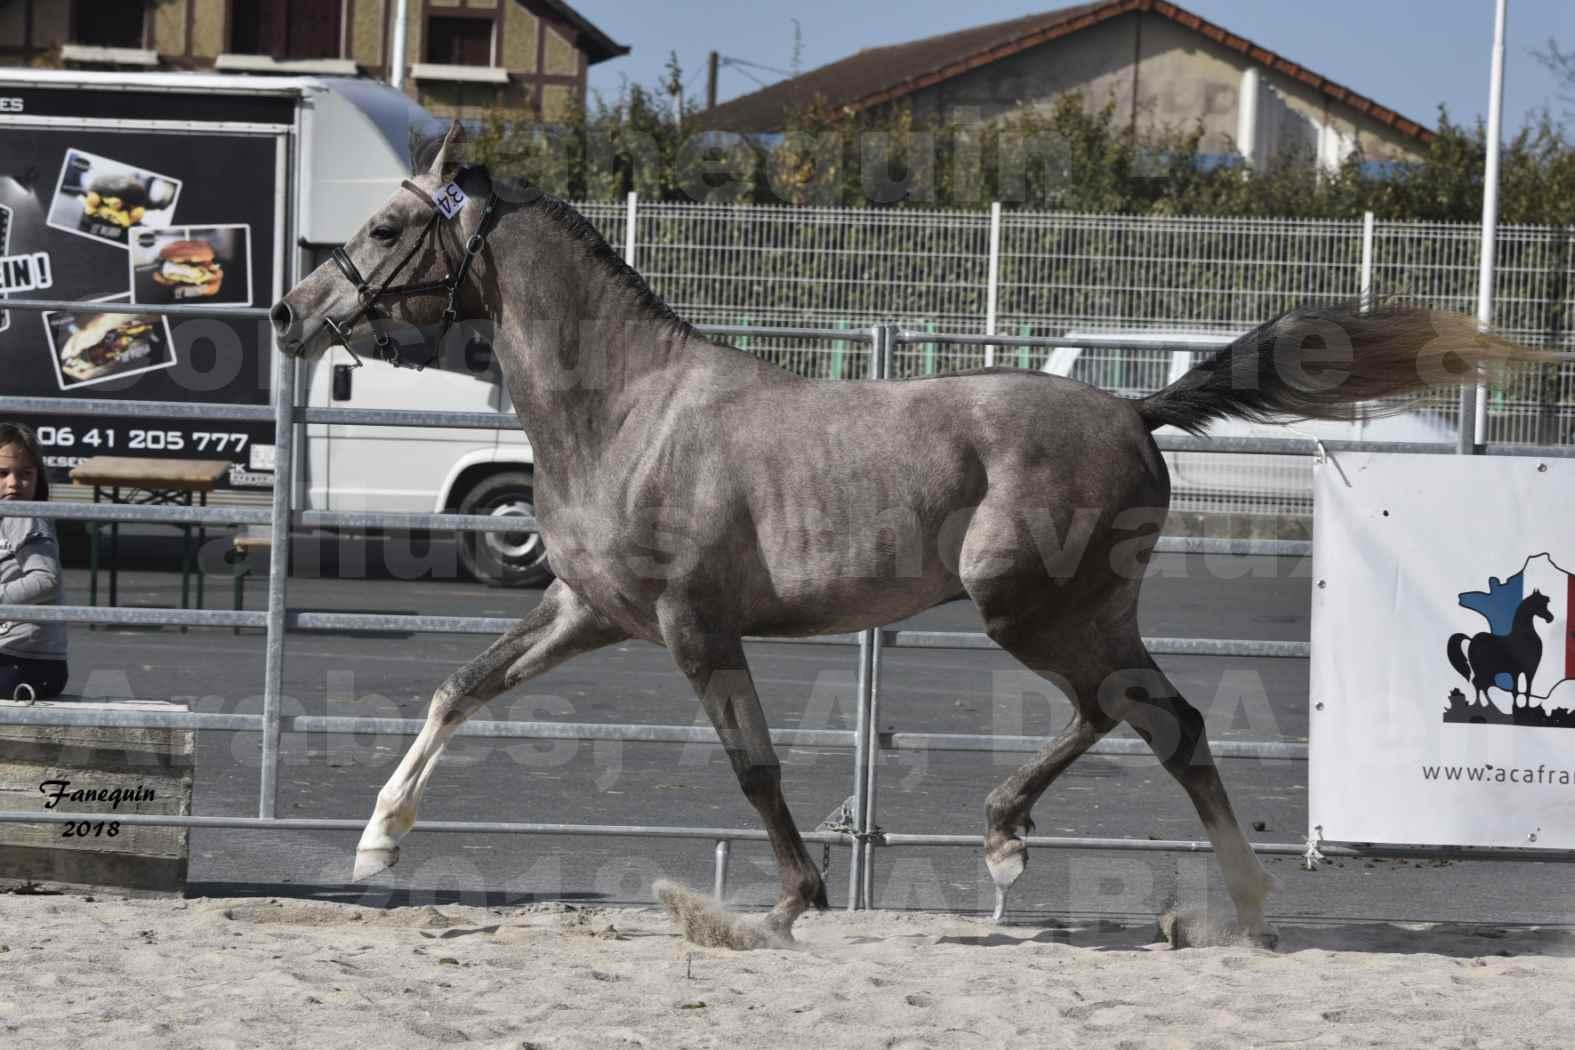 Concours d'élevage de Chevaux Arabes - D. S. A. - A. A. - ALBI les 6 & 7 Avril 2018 - GRIMM DE DARRA - Notre Sélection - 8